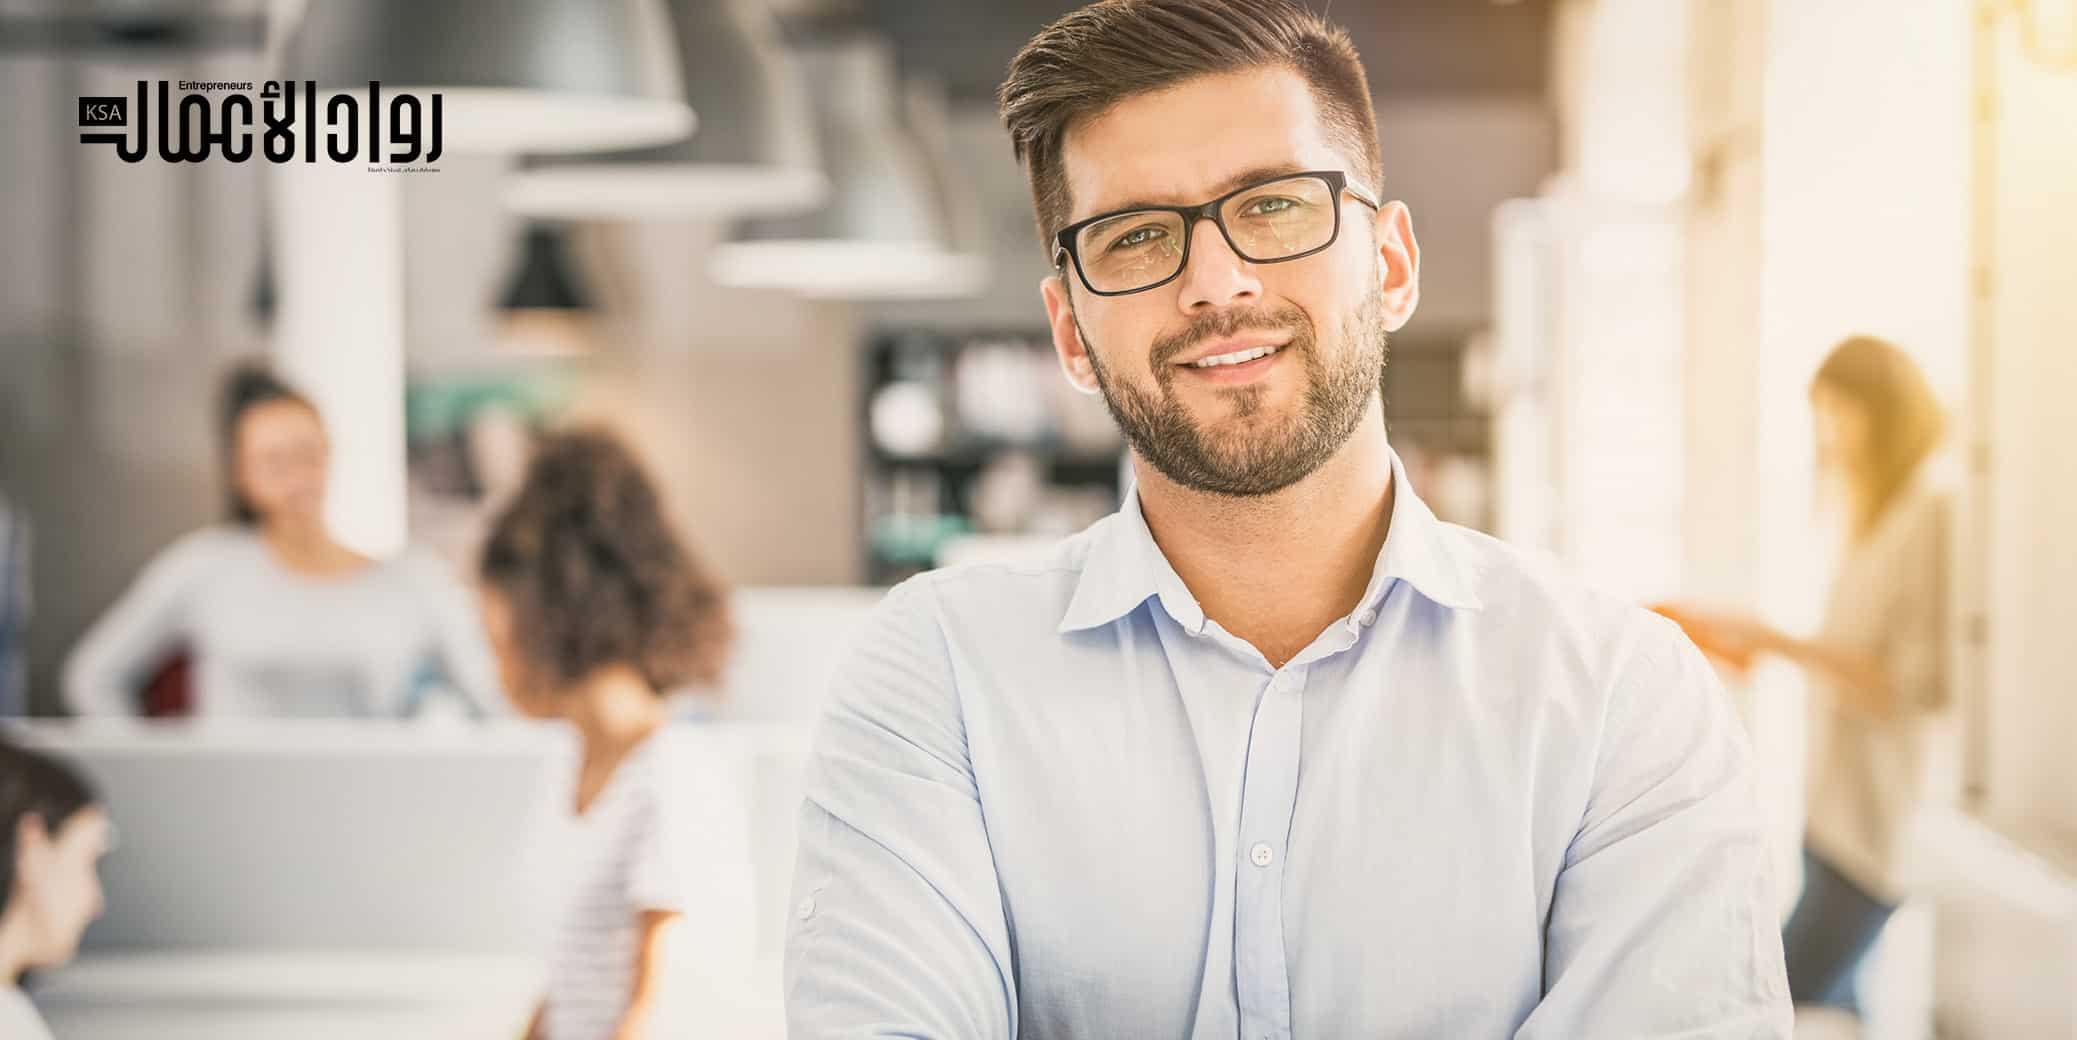 مهارات رواد الأعمال